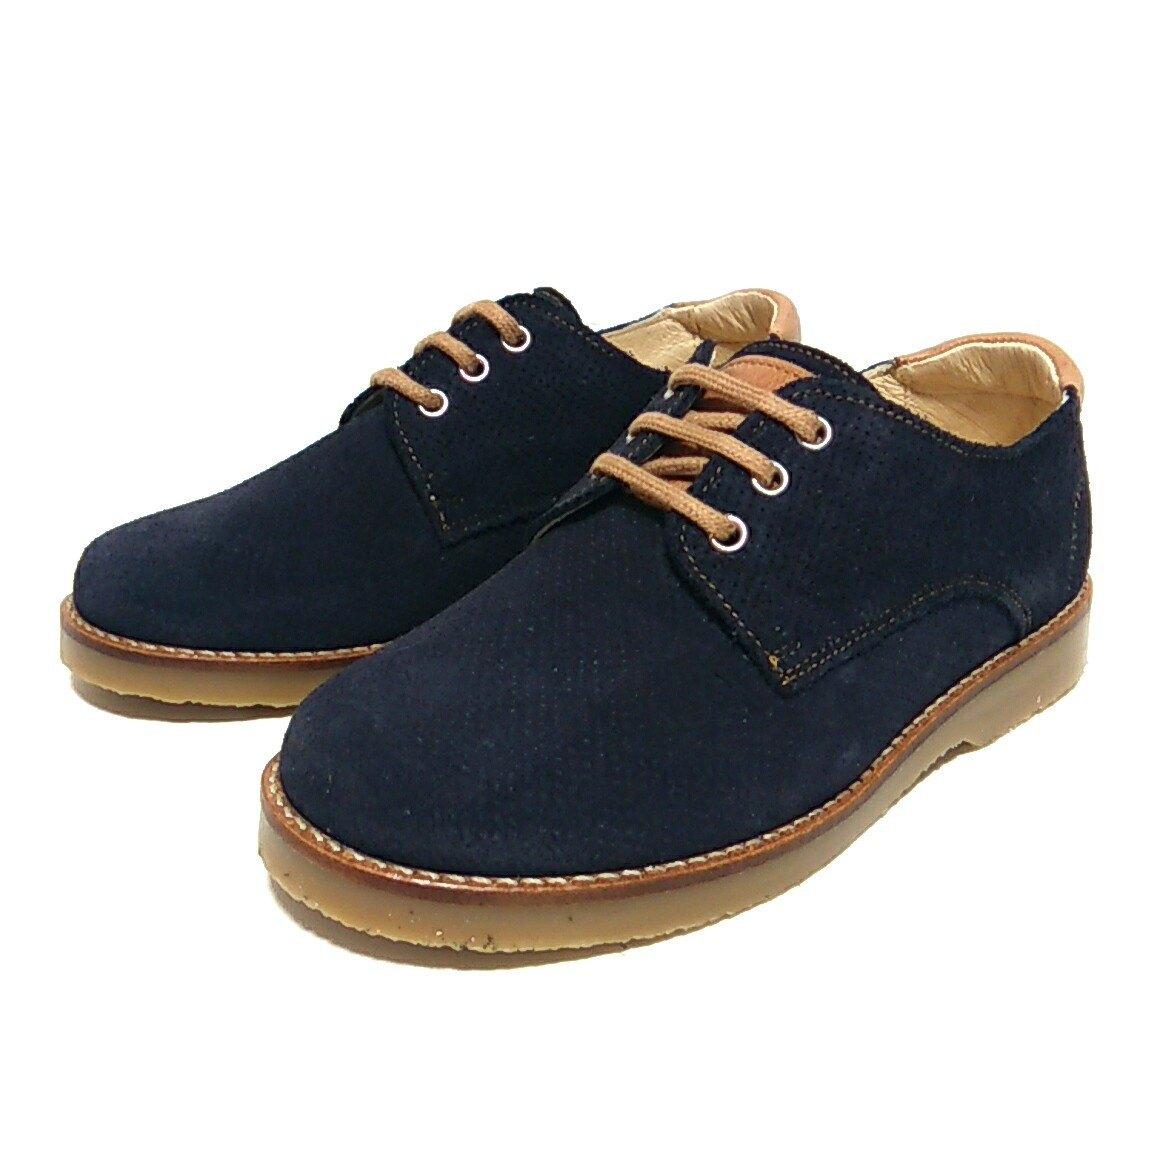 6c16fd41 Zapato de Ante Picado color Marino para Niños de Andanines *Zapatines